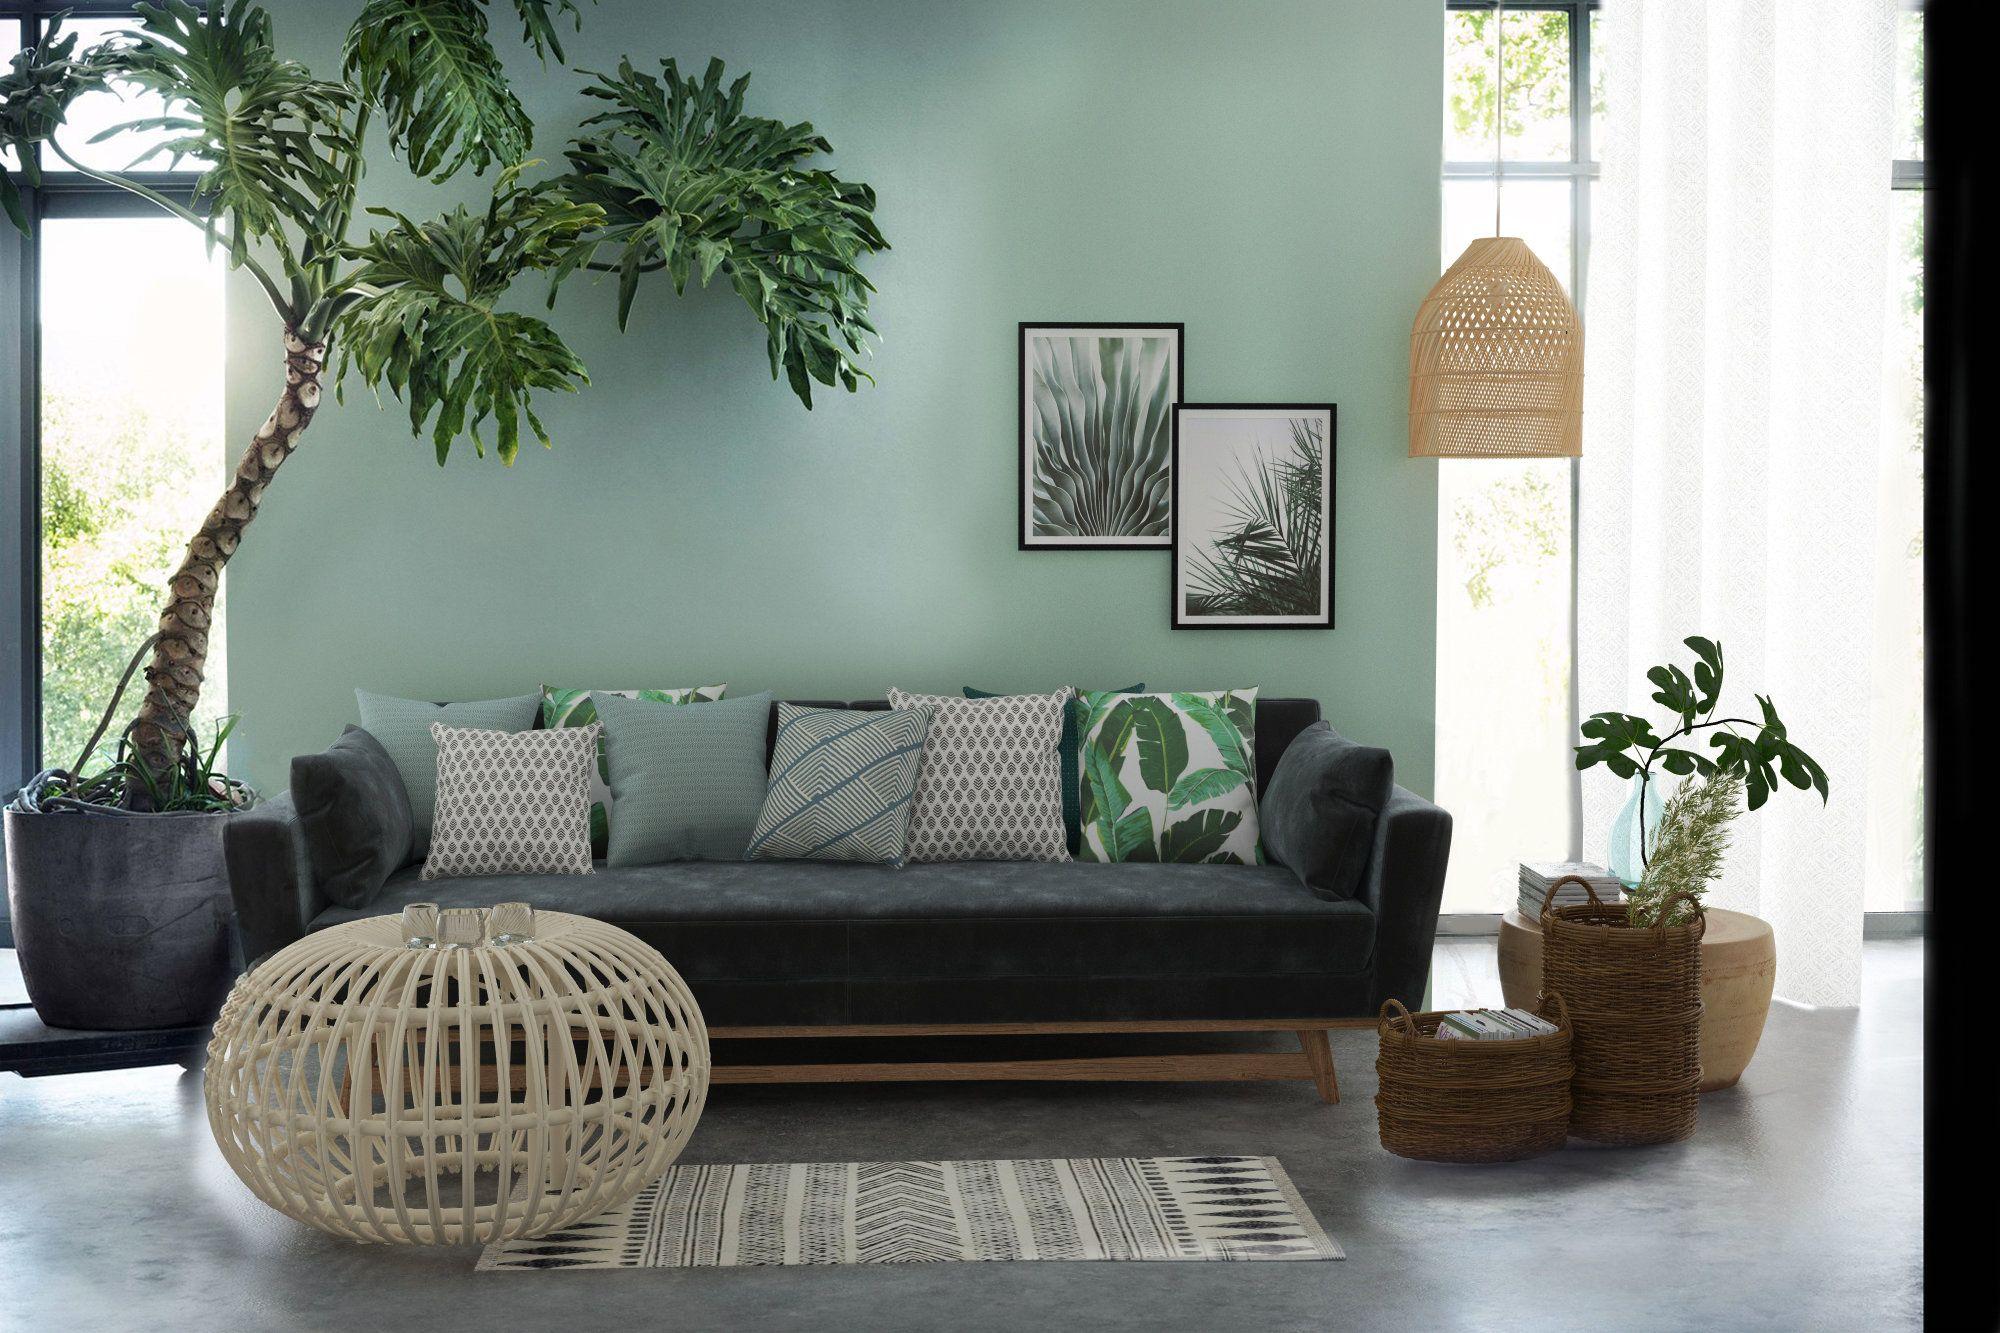 Le Vert La Couleur Incontournable De L Ete 2018 Inspiration Style Exotique Peinture Rotin Bois En Vert Beige Gris Decoration Salon Sejour Deco Salon Et Deco Maison